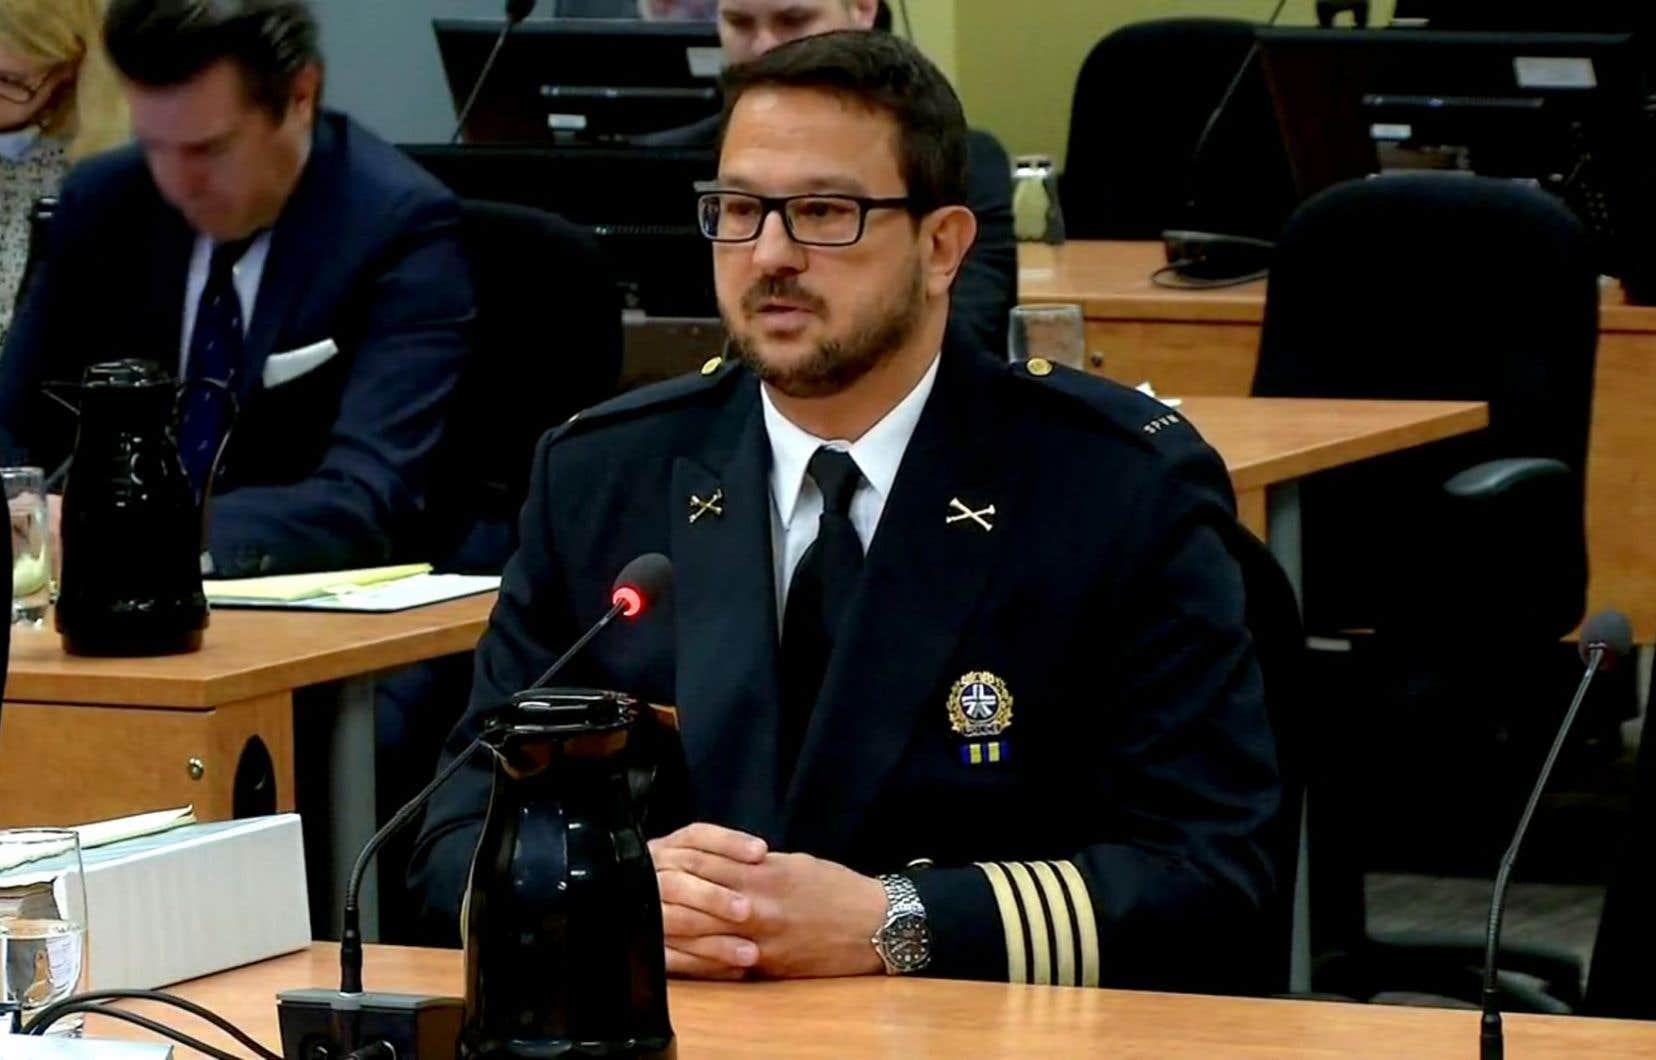 L'inspecteur-chef Costa Labos était à la barre des témoins mardi.